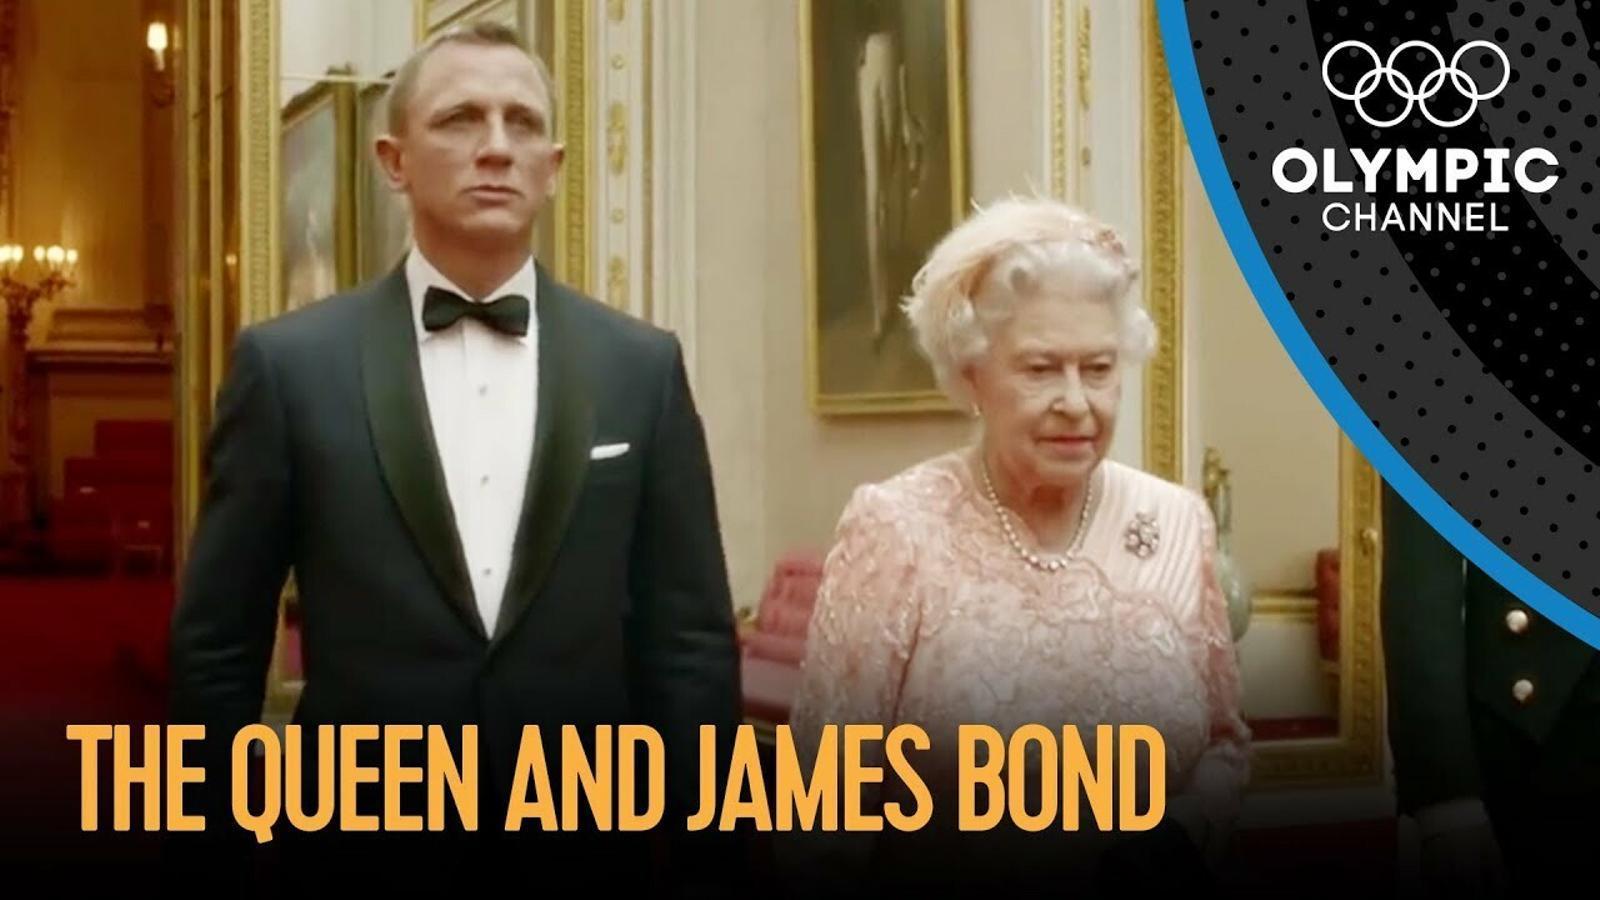 La reina i James Bond